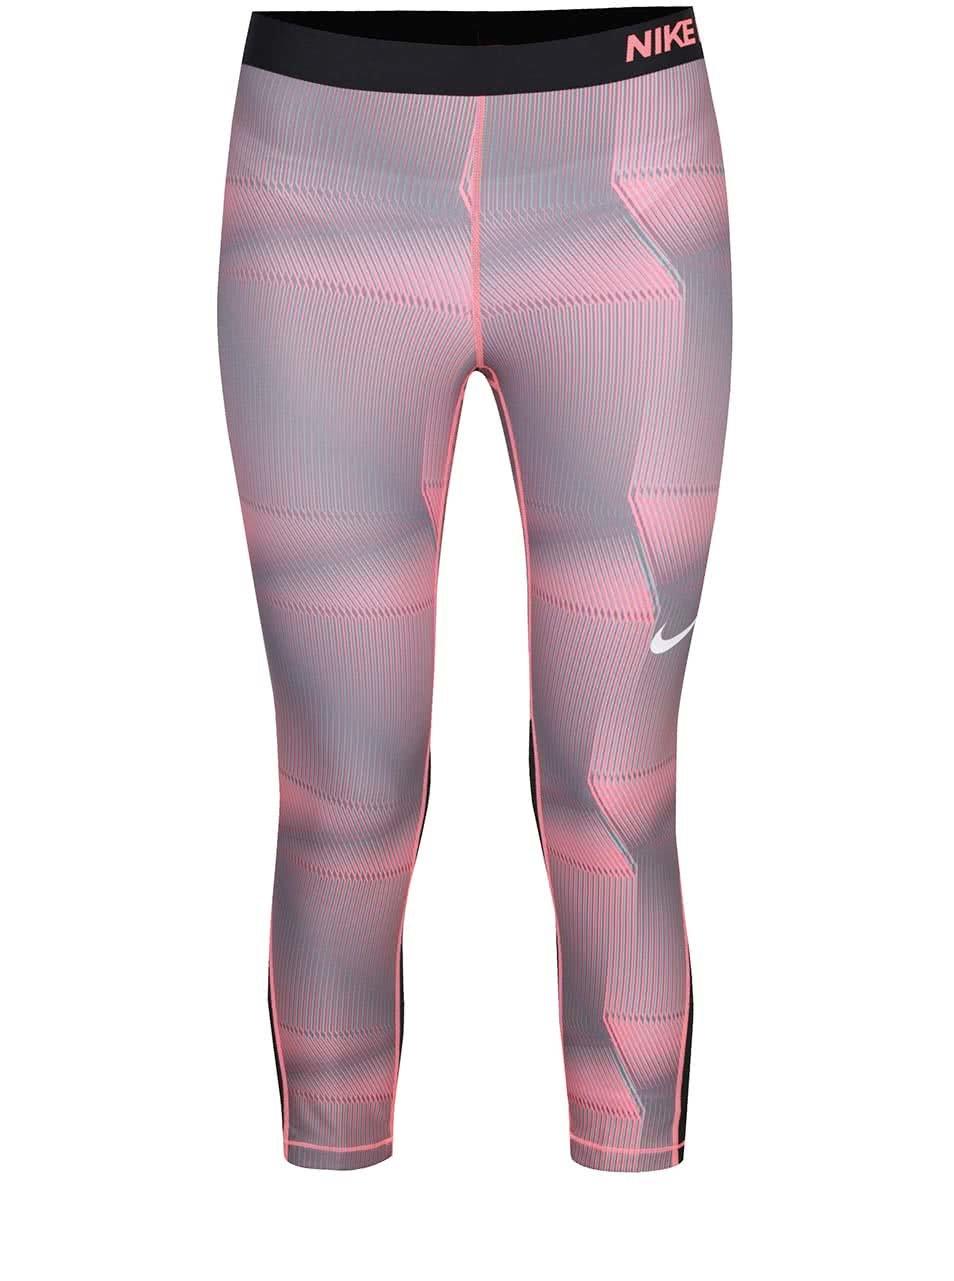 Ružovo-sivé dámske vzorované funkčné 3 4 legíny Nike Pro Cool ... b356939b7d